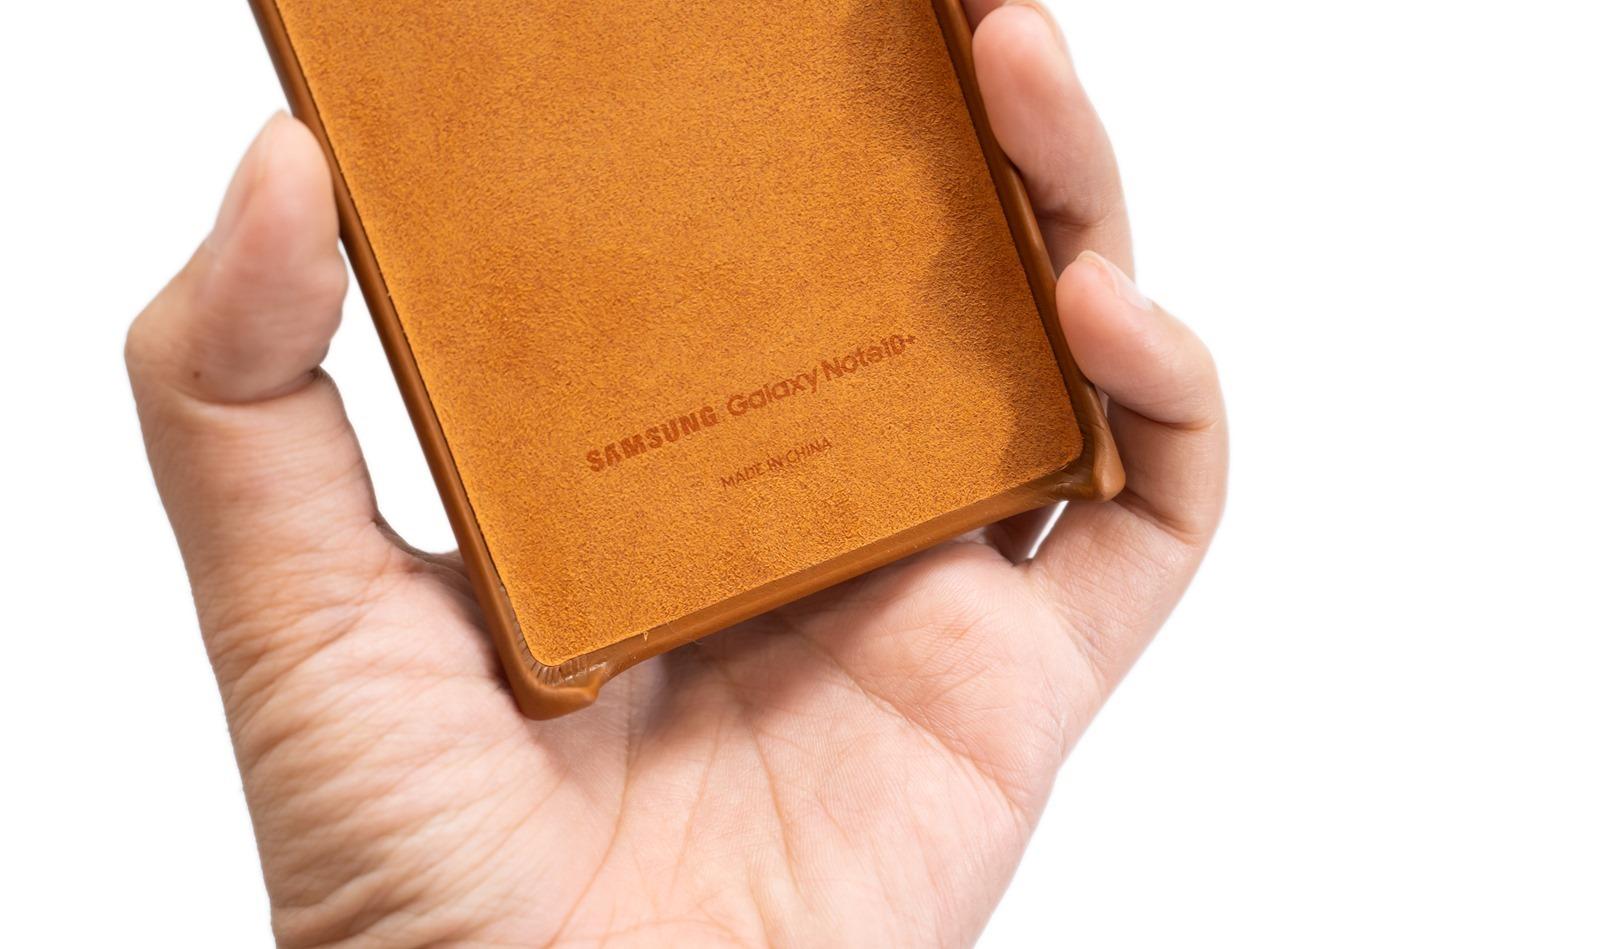 幫 Galaxy Note 10/10+ 找保護殼?原廠三星『立架式保護皮套』和『皮革保護背蓋』大圖清晰開箱分享 @3C 達人廖阿輝